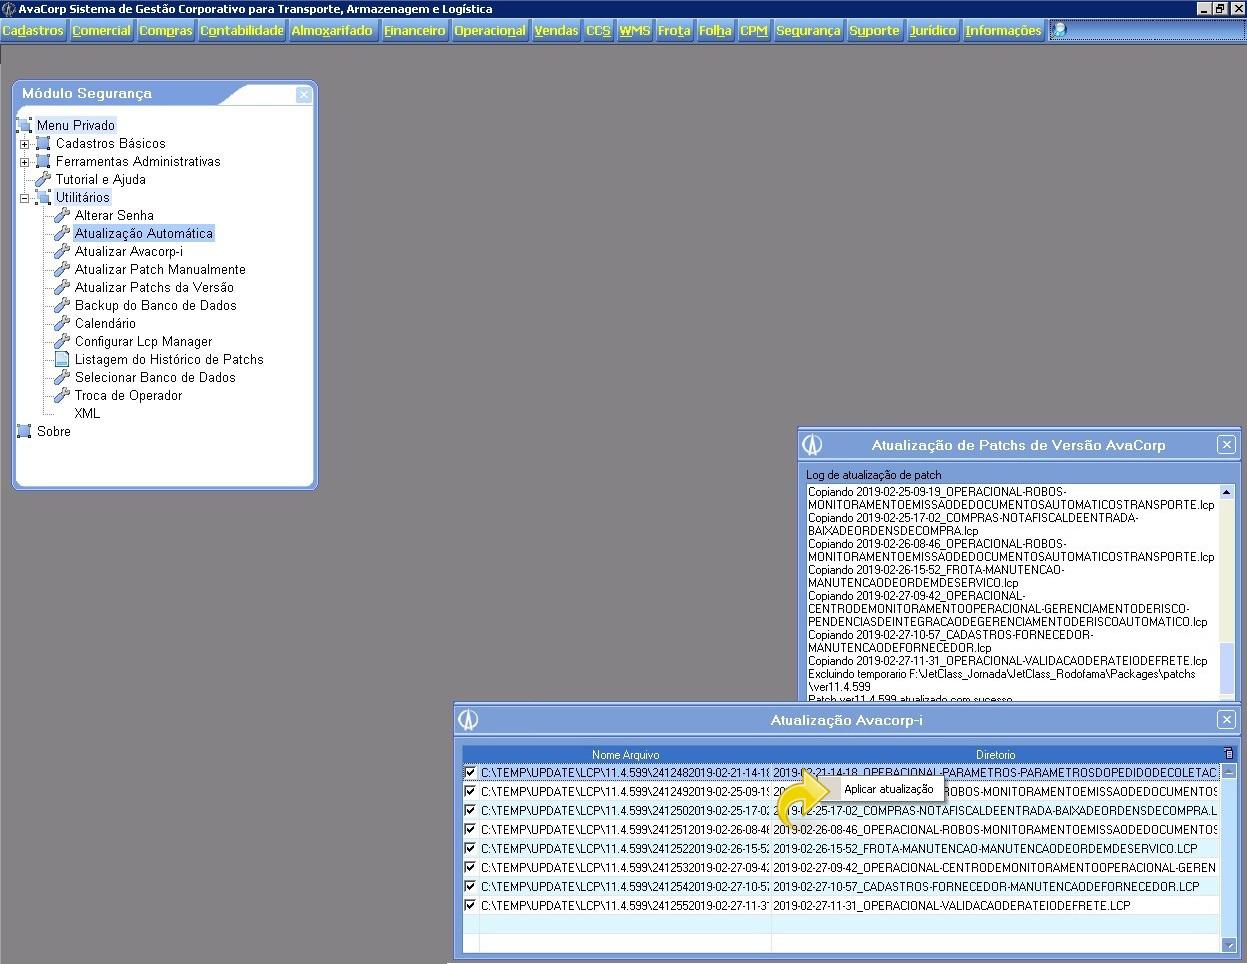 Iniciando a atualização do Avacorp I.